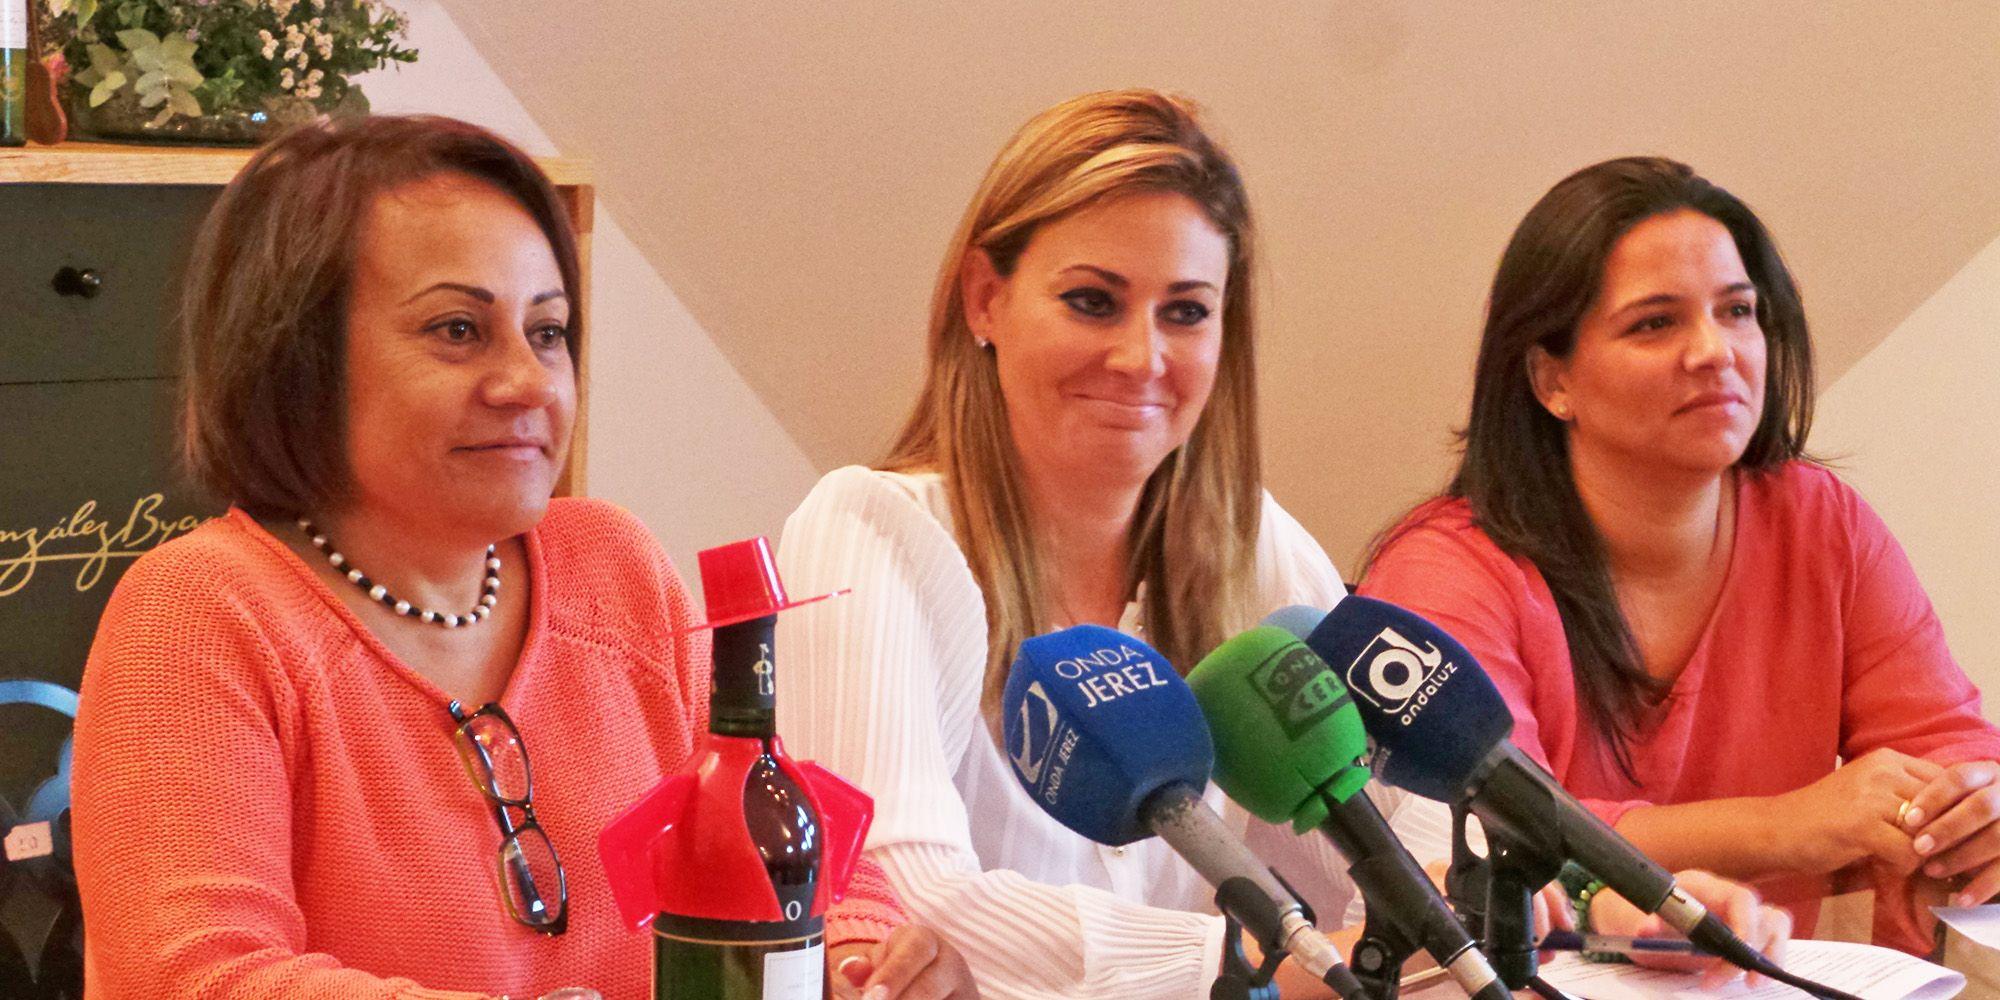 Concepción Fernández,presidenta de la Asociación contra el Cáncer Jerez,Ana Belén Morillo, directora de ABM EVENTOS y María Luisa Beato, propietaria y diseñadora de Modas Aurora